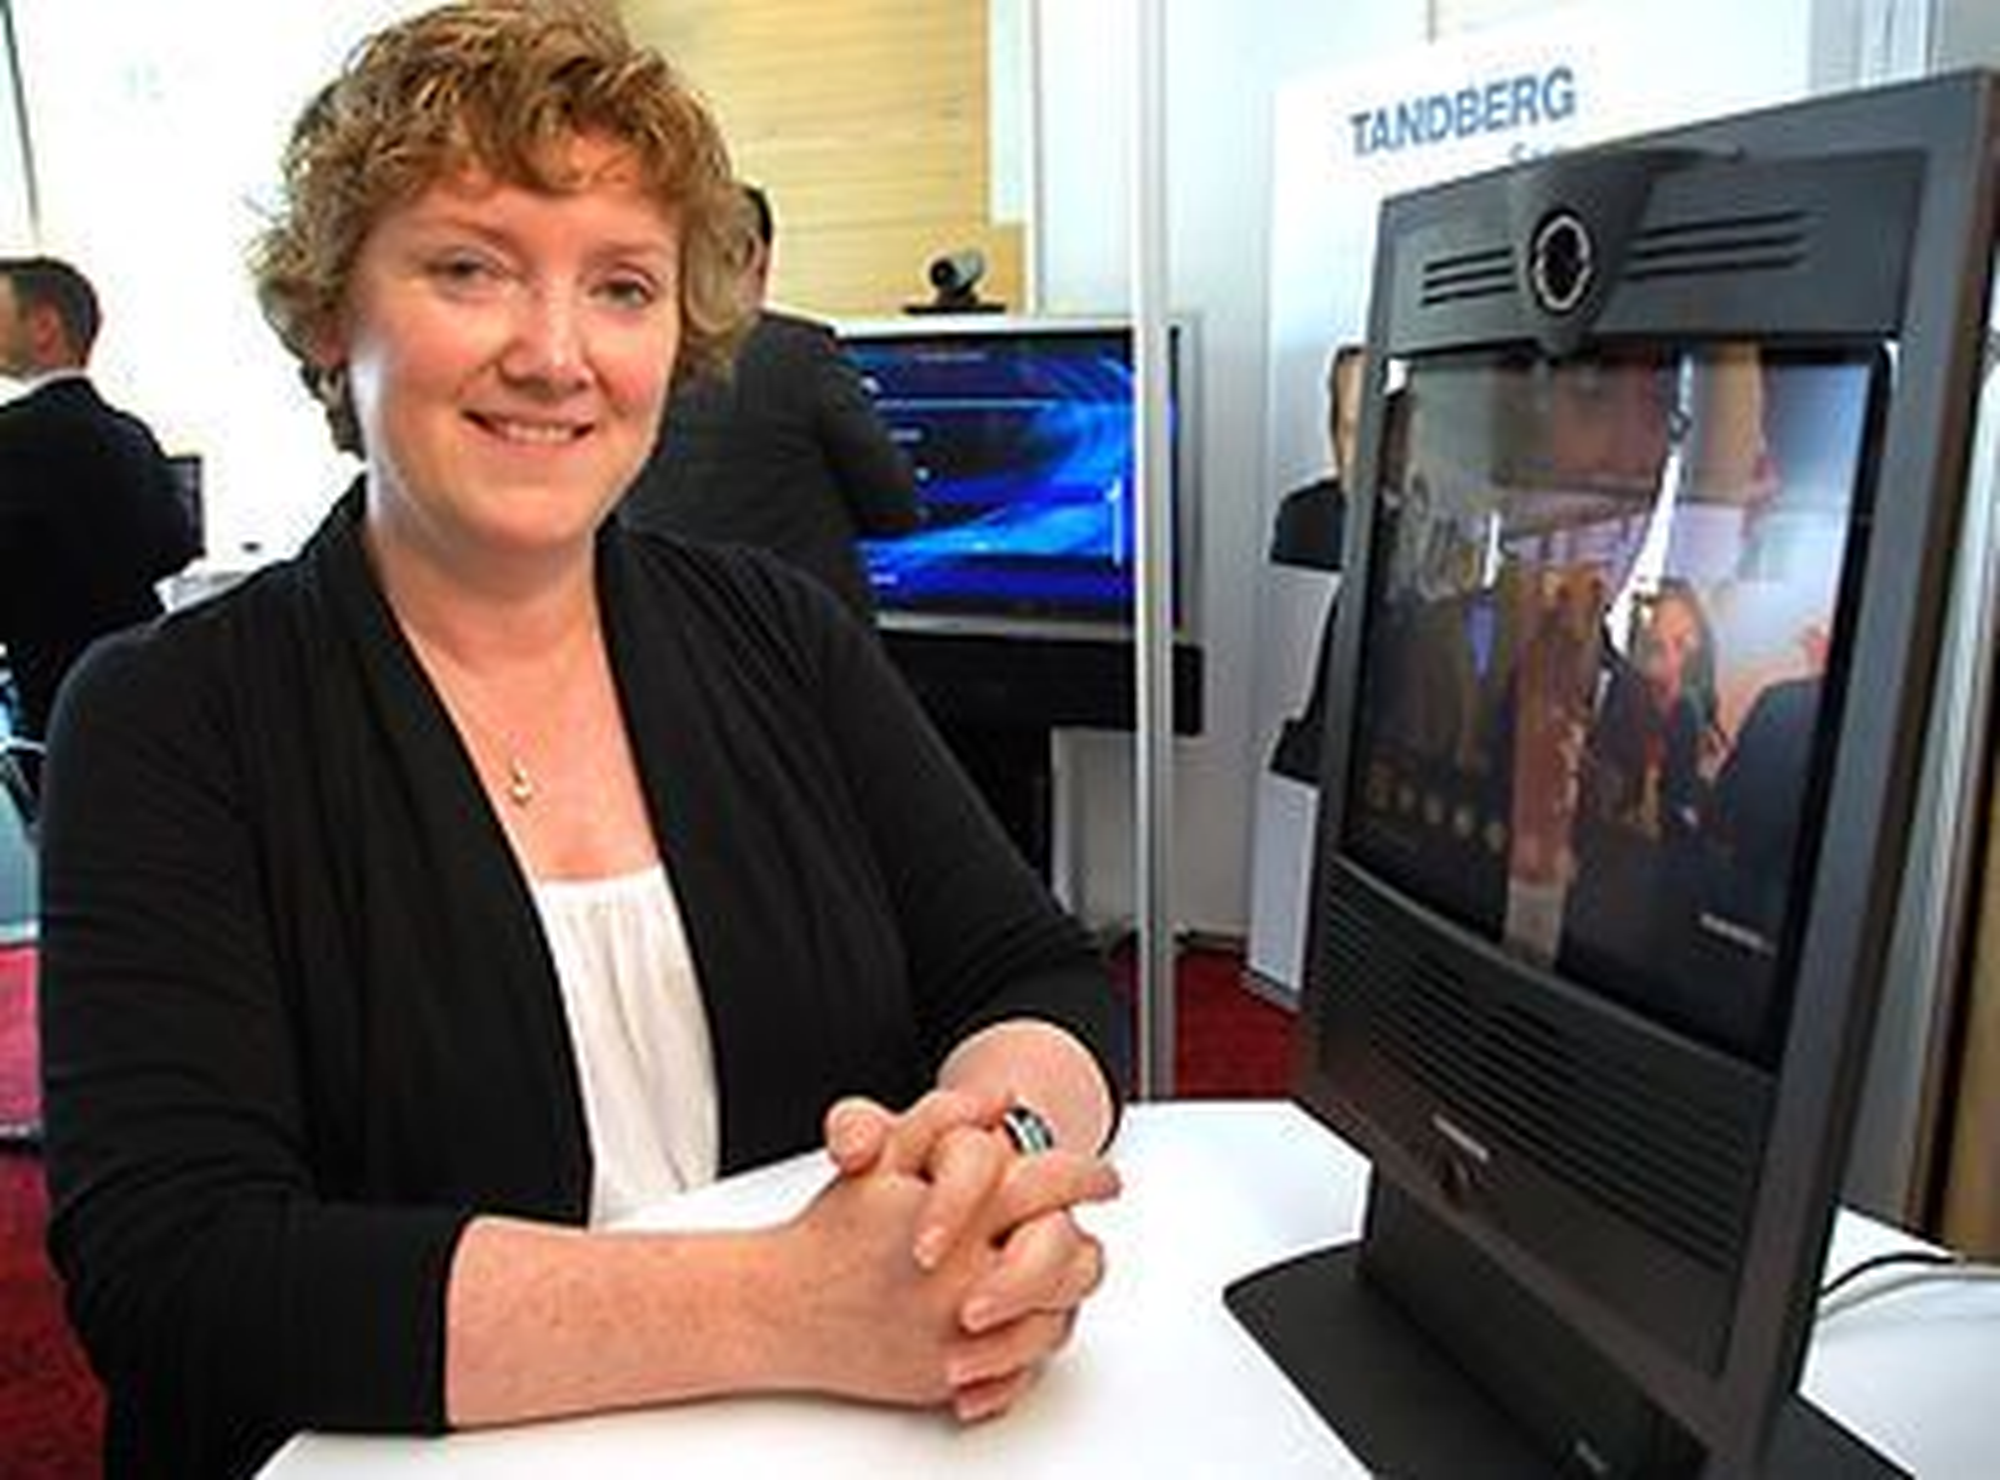 Diskusjonene varer lengre og deltakerne får med seg mer når de bruker telekonferanse, viser Bridget Kanes undersøkelse fra tre sykehus i Irland. Foto: Jan Fredrik Frantzen, NST.